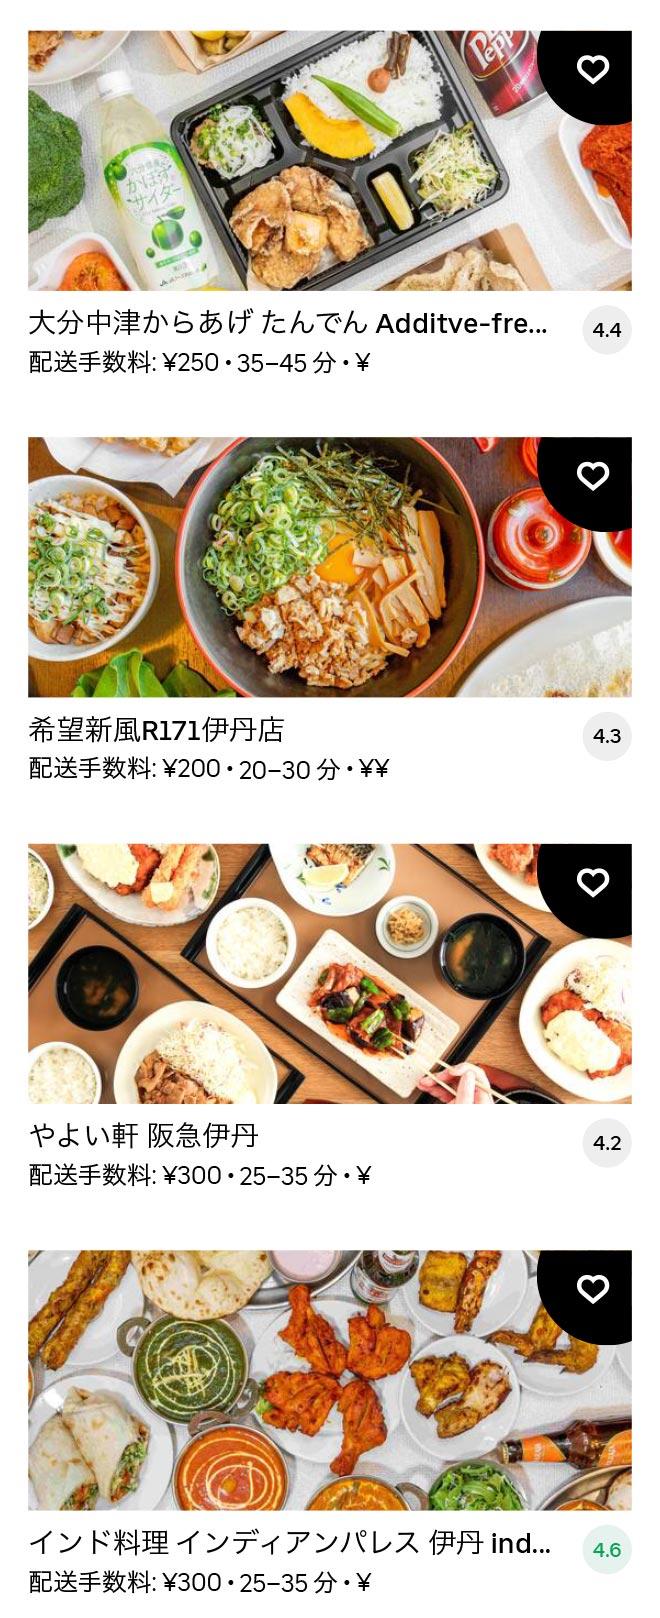 Itami nakano menu 2011 12